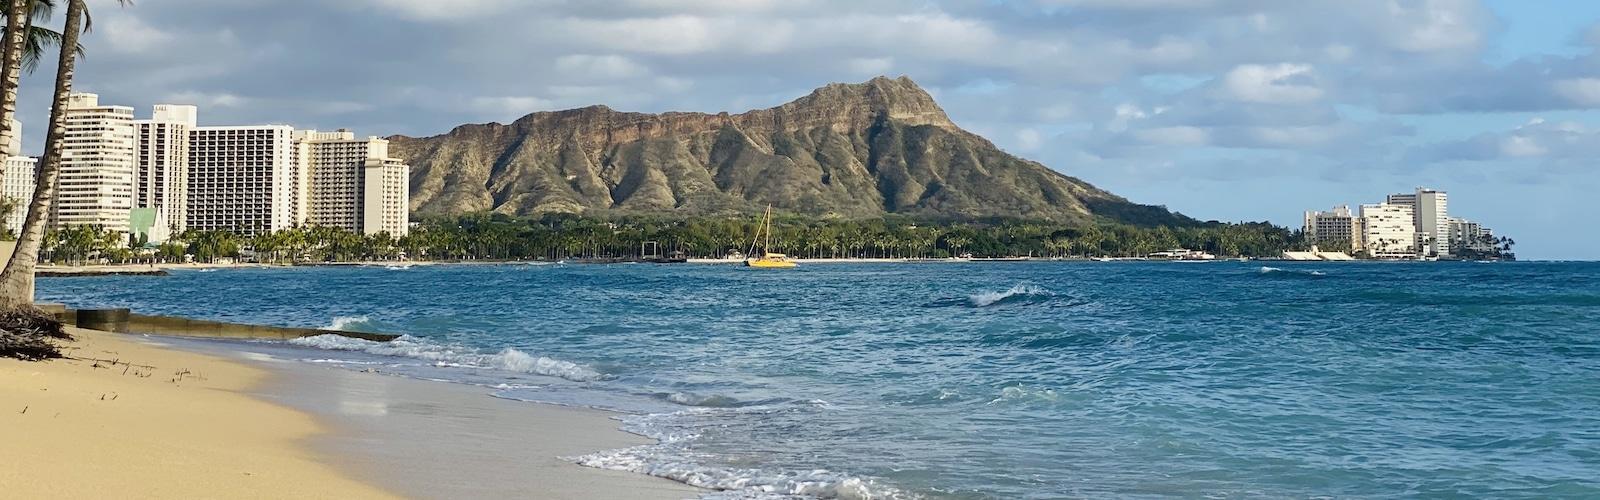 Diamond Head, Waikiki, Honolulu, Oahu